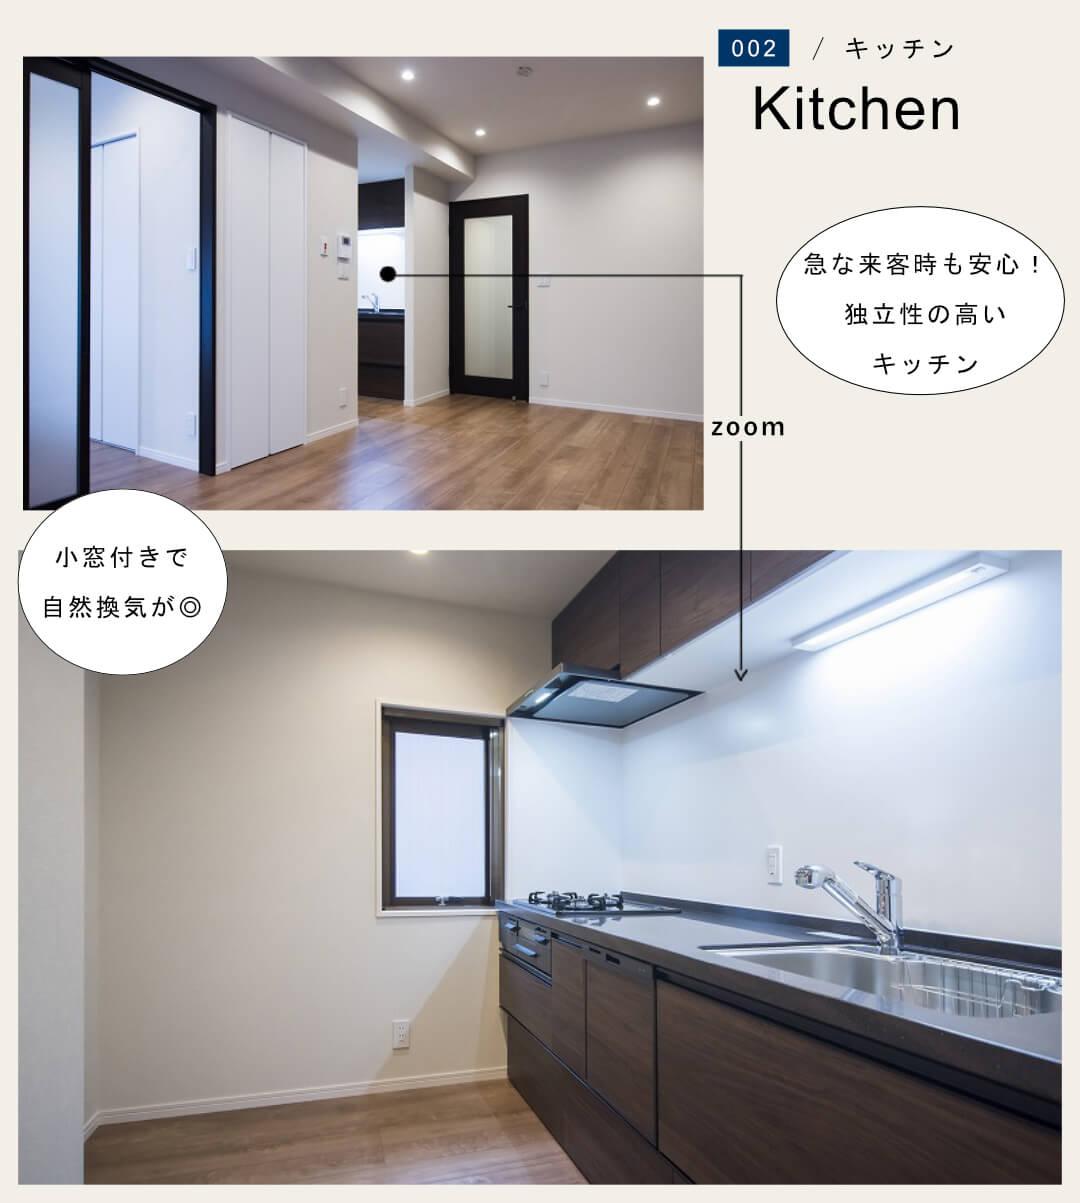 六本木アビタシオン 202号室のキッチン